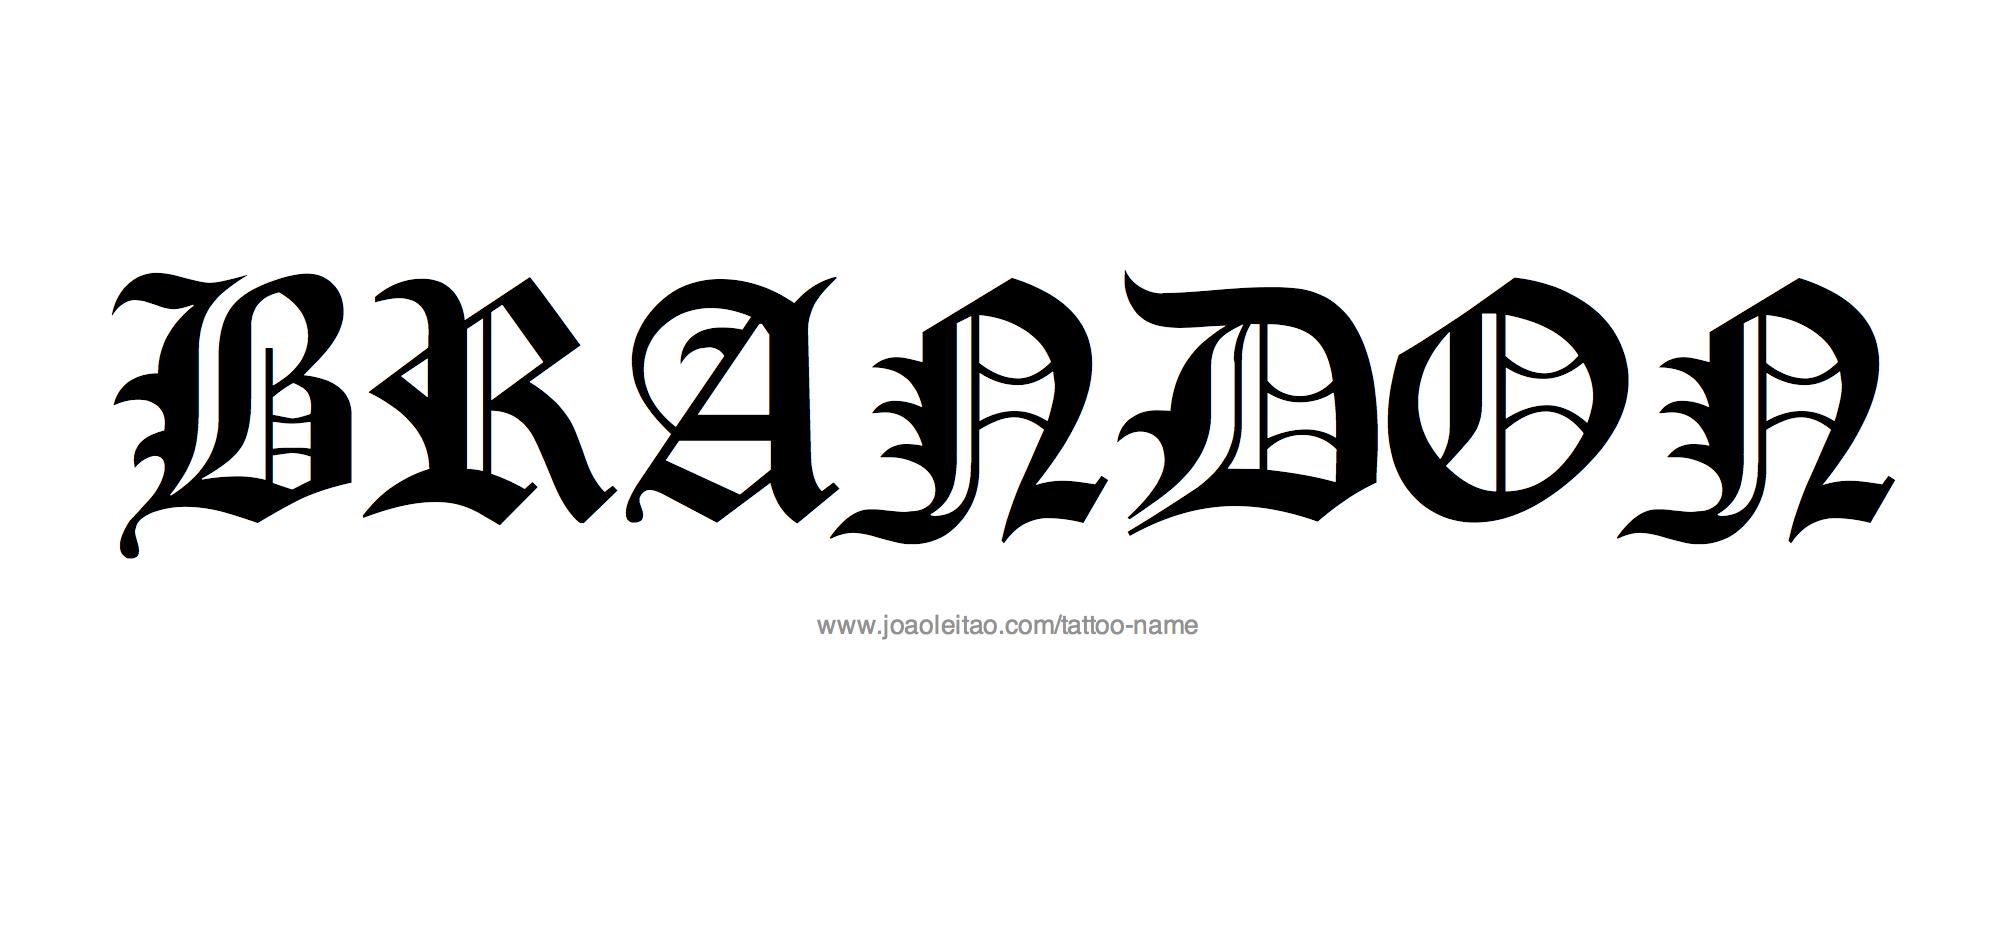 Brandon Name Tattoo Designs Name Tattoos Name Tattoo Designs Name Tattoo